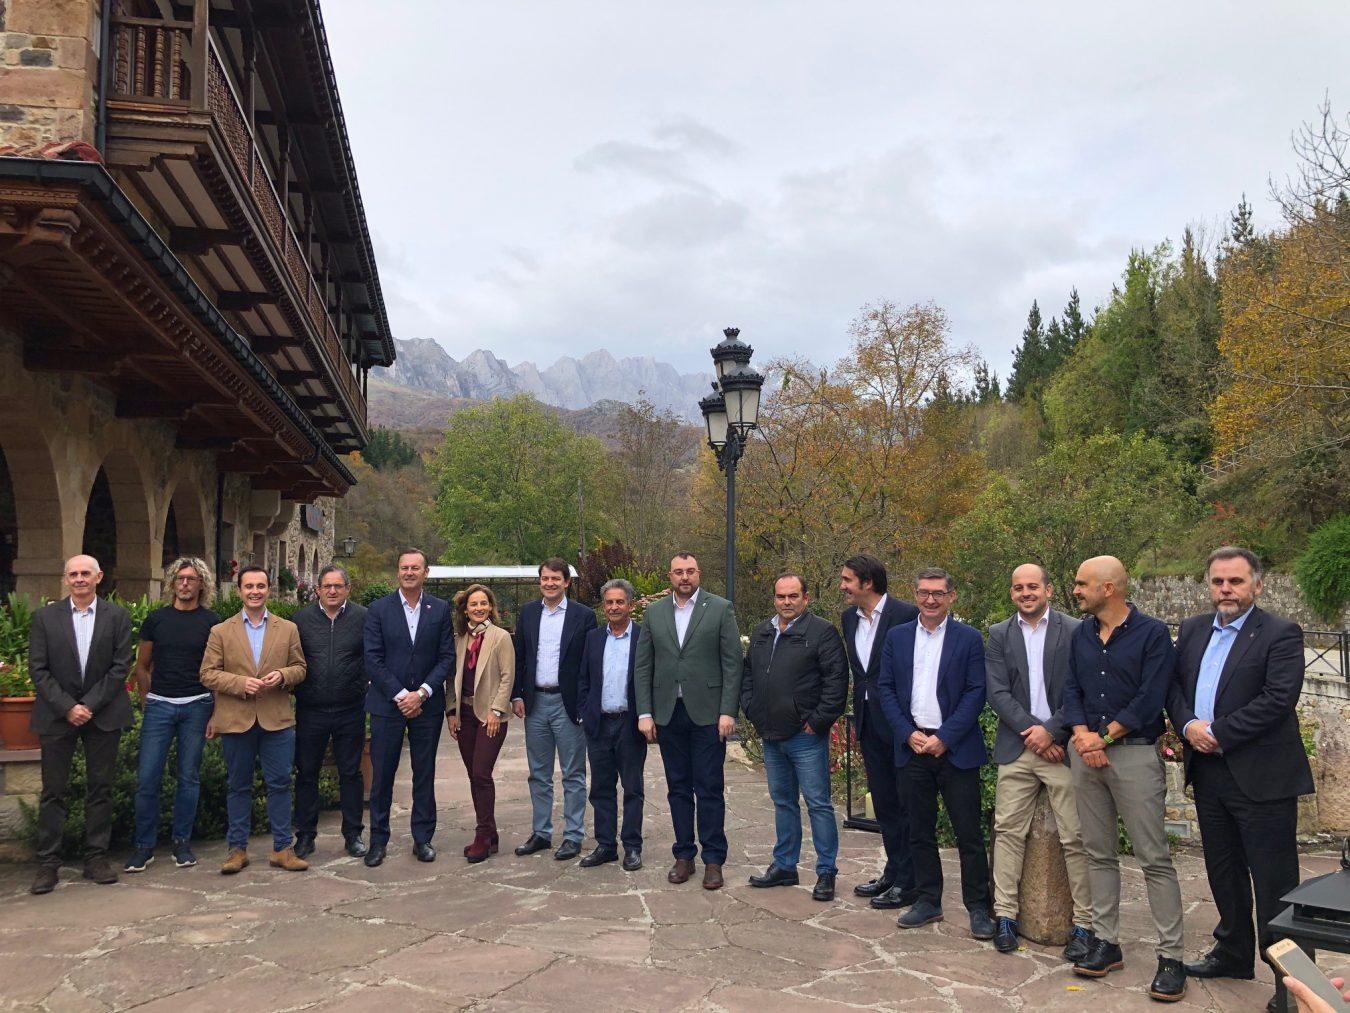 El nuevo desarrollo sostenible del Parque Nacional de Picos de Europa incluirá el control de la población de lobos